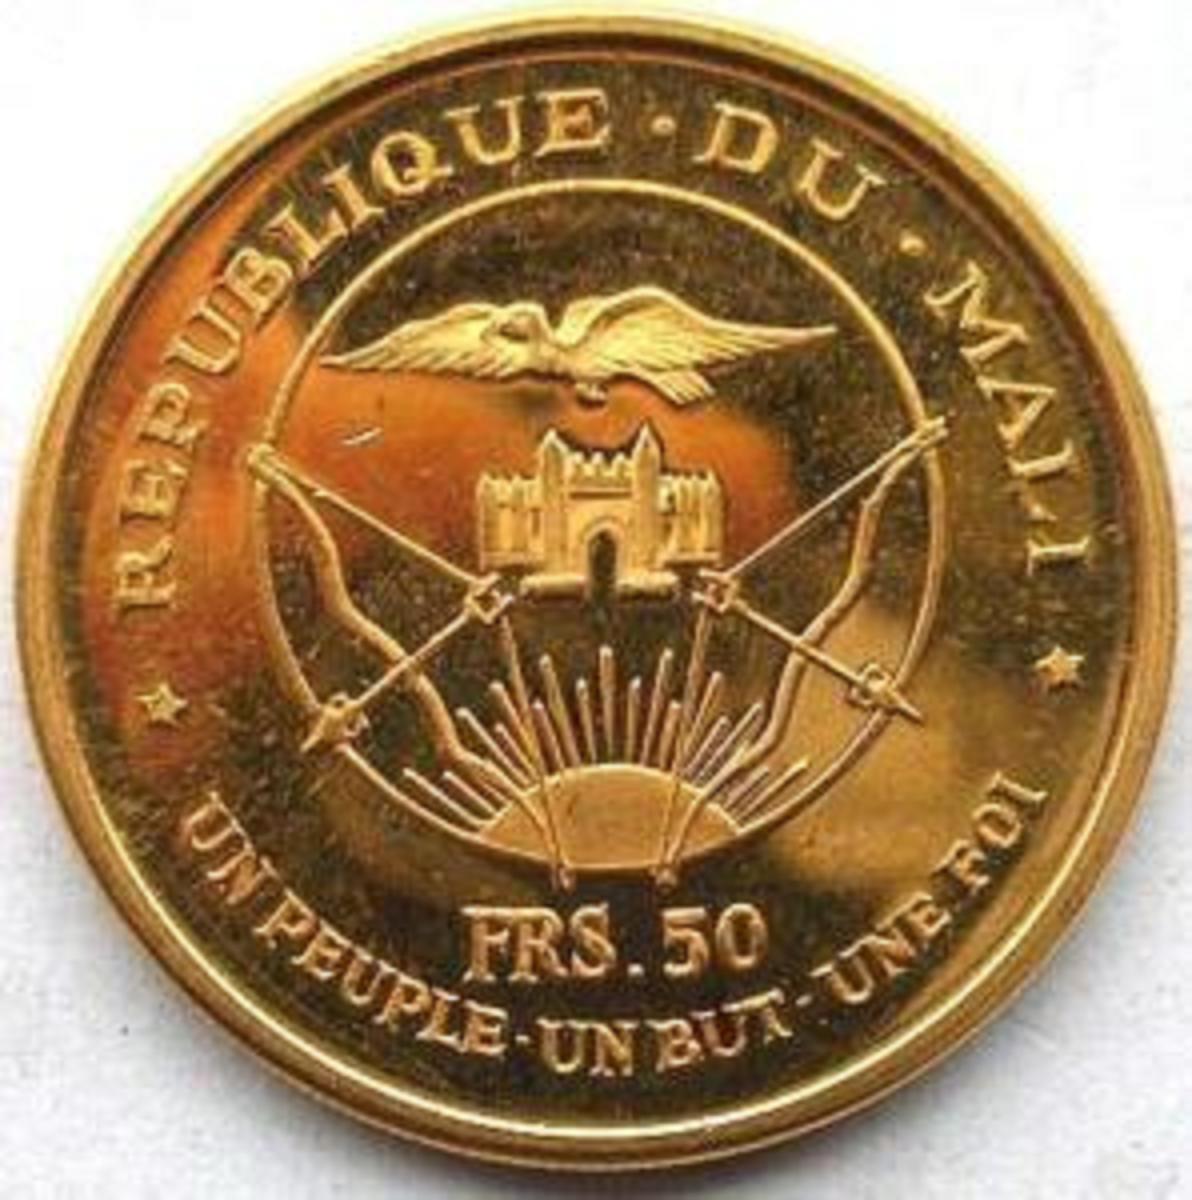 Ὁ πόλεμος στὸ Μάλι καὶ ὁ χρυσὸς τῶν Rothschild.2